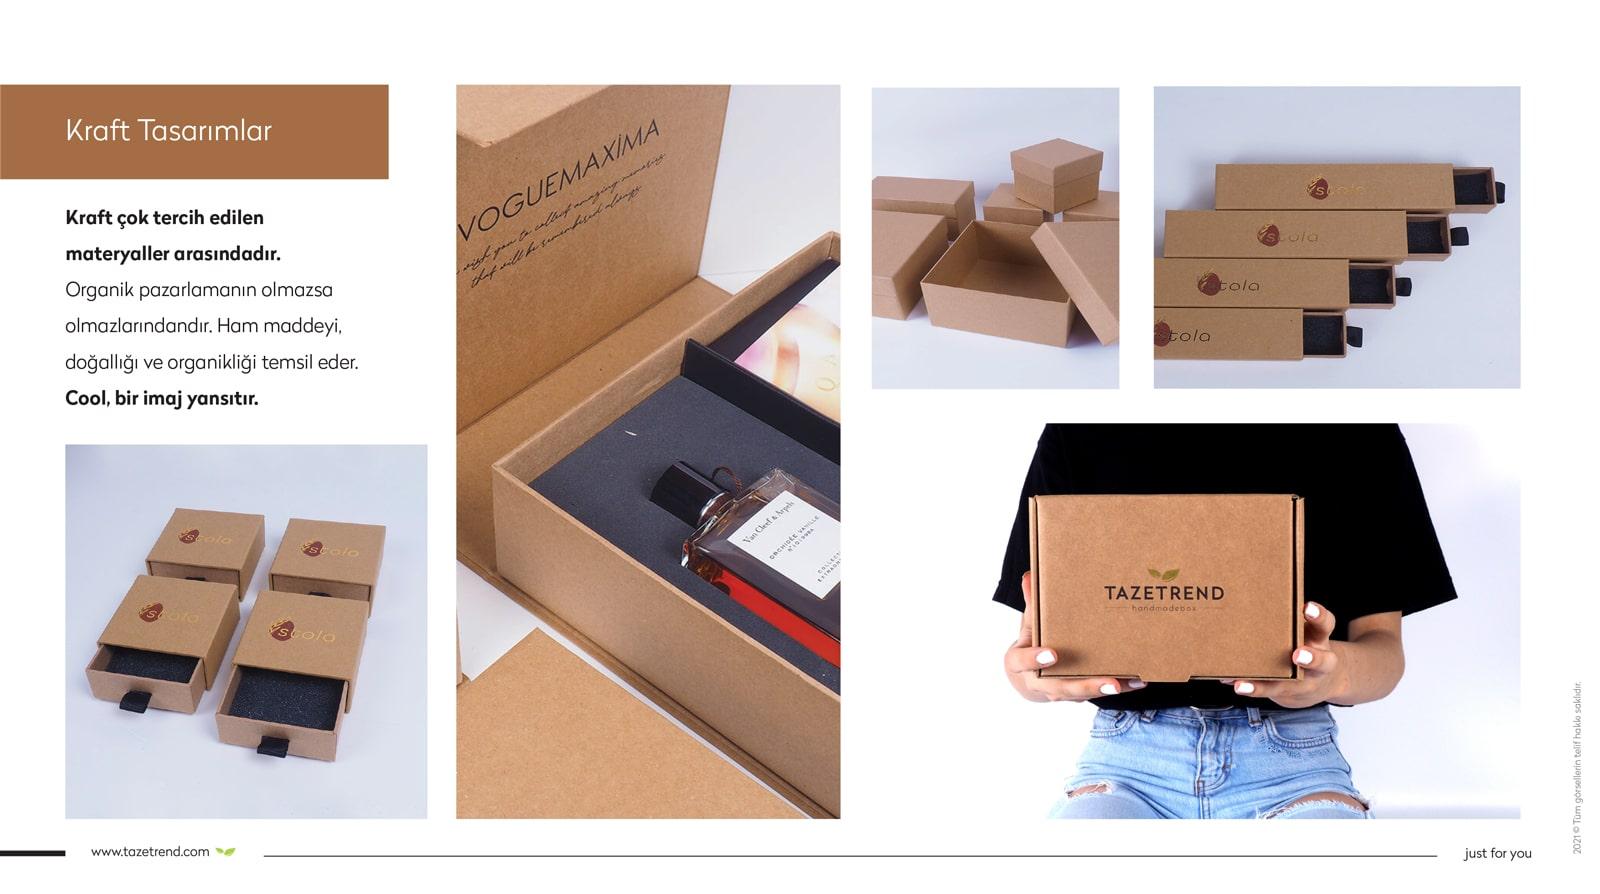 tazetrend e-katalog tasarım19